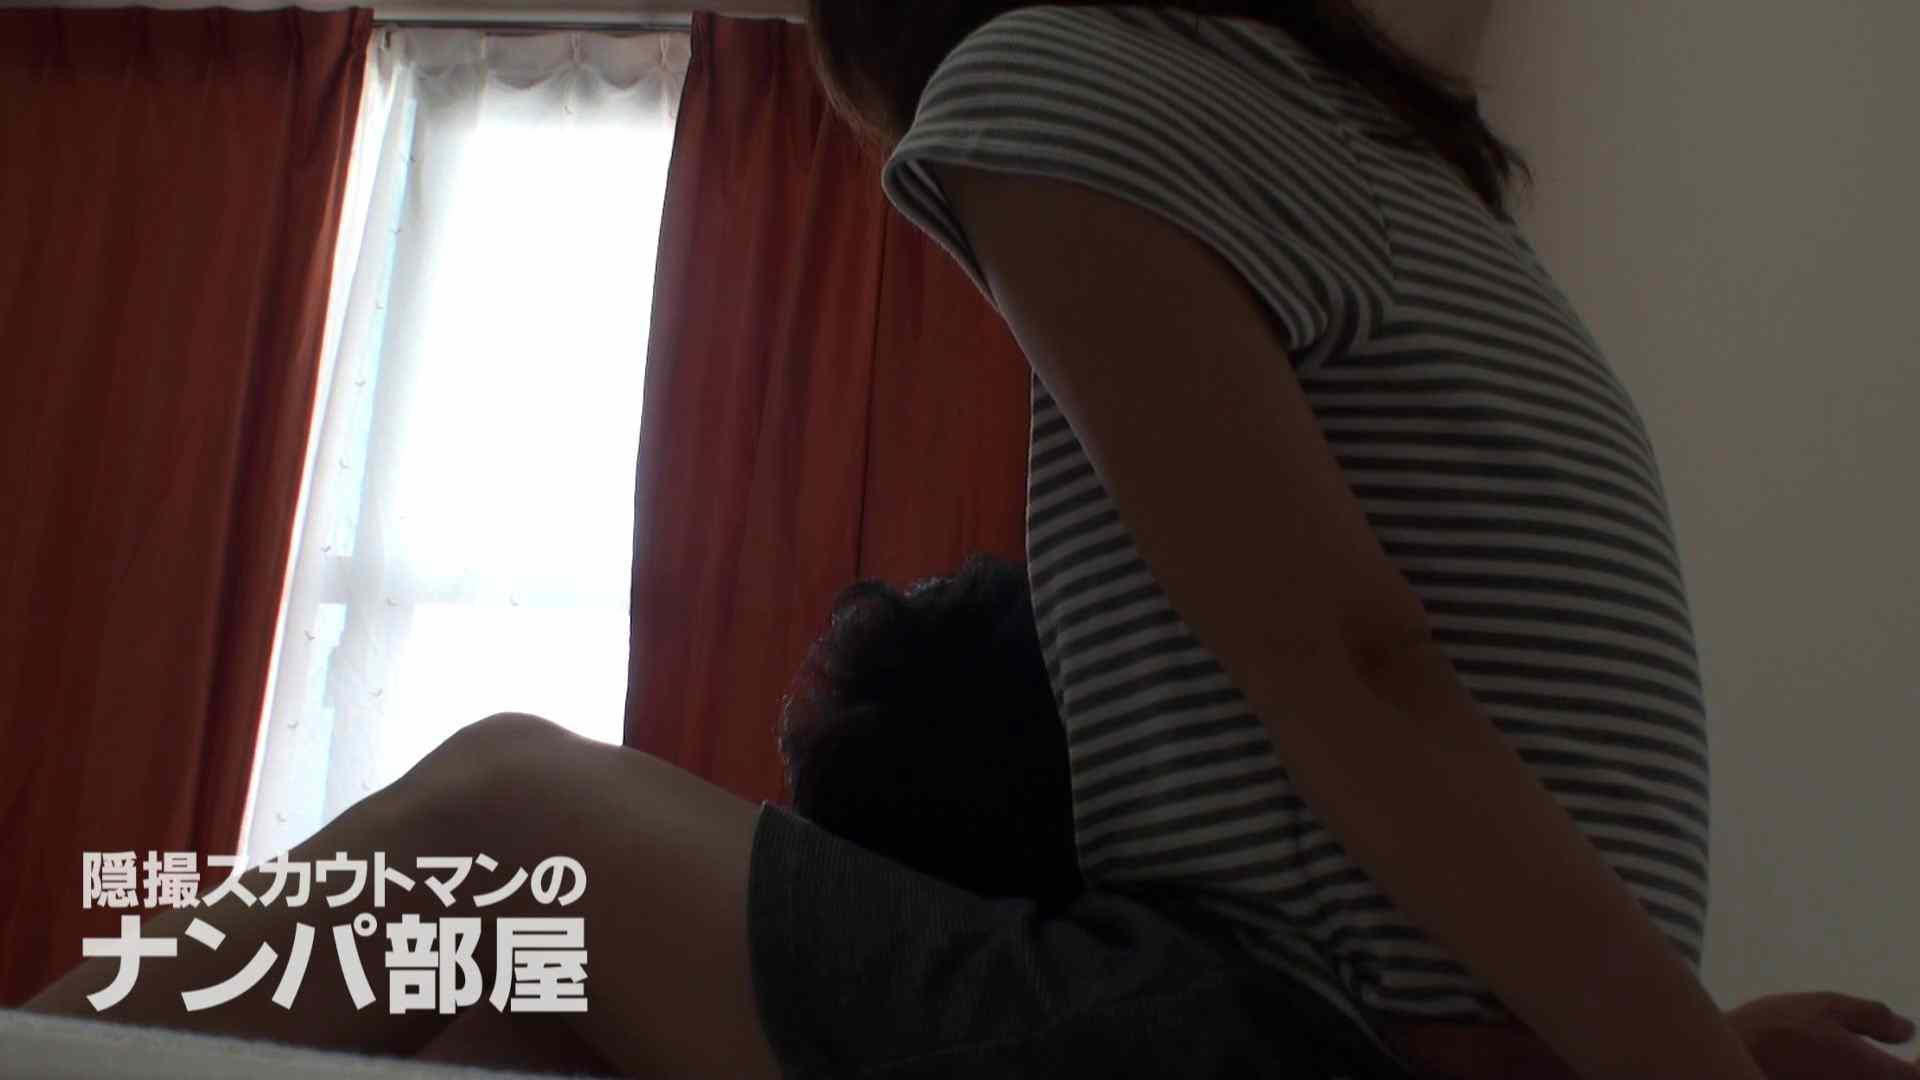 隠撮スカウトマンのナンパ部屋~風俗デビュー前のつまみ食い~ siivol.3 OLのエロ生活 | ナンパ  39連発 21